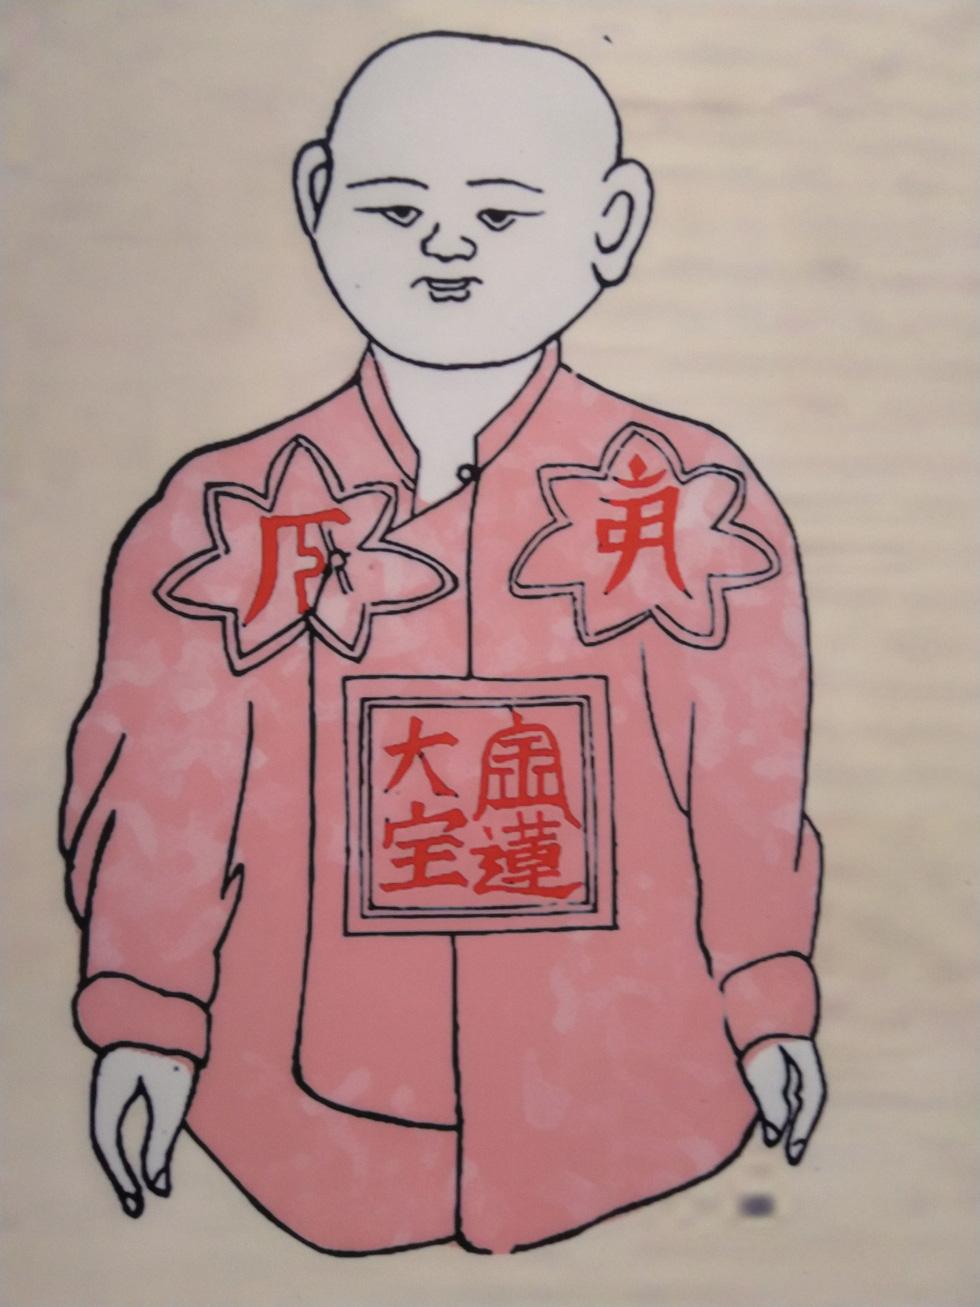 Tết Đoan Ngọ - Tết kì lạ nhất của người Việt qua tranh, tư liệu của tác giả Pháp - Ảnh 8.